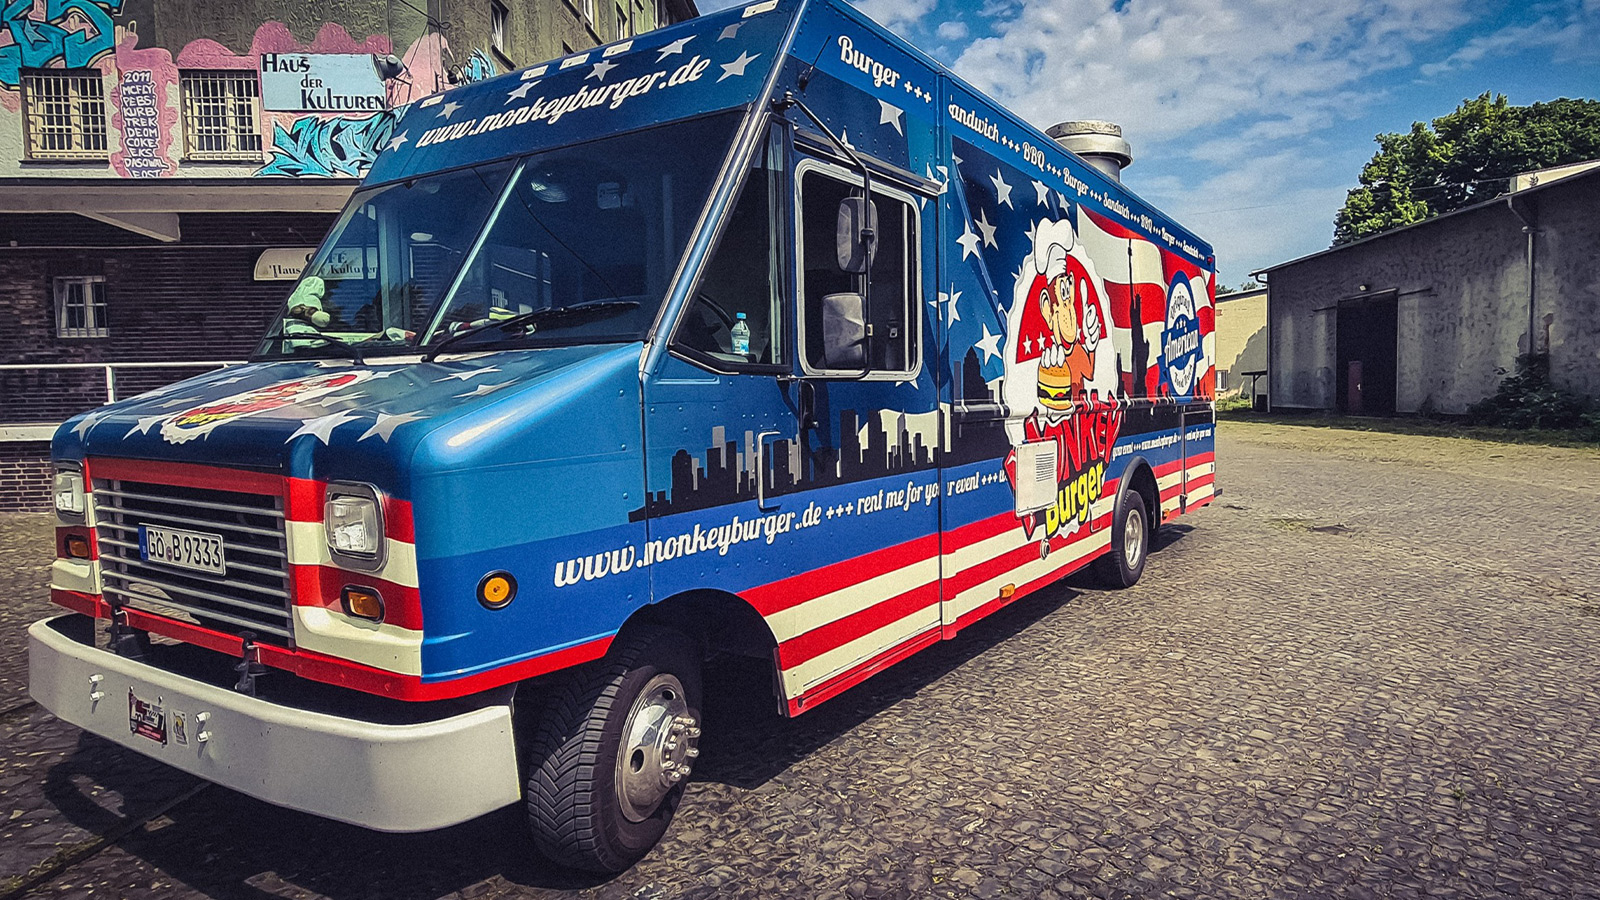 Der Monkey Burger Food Truck bringt Geburtstagsburger